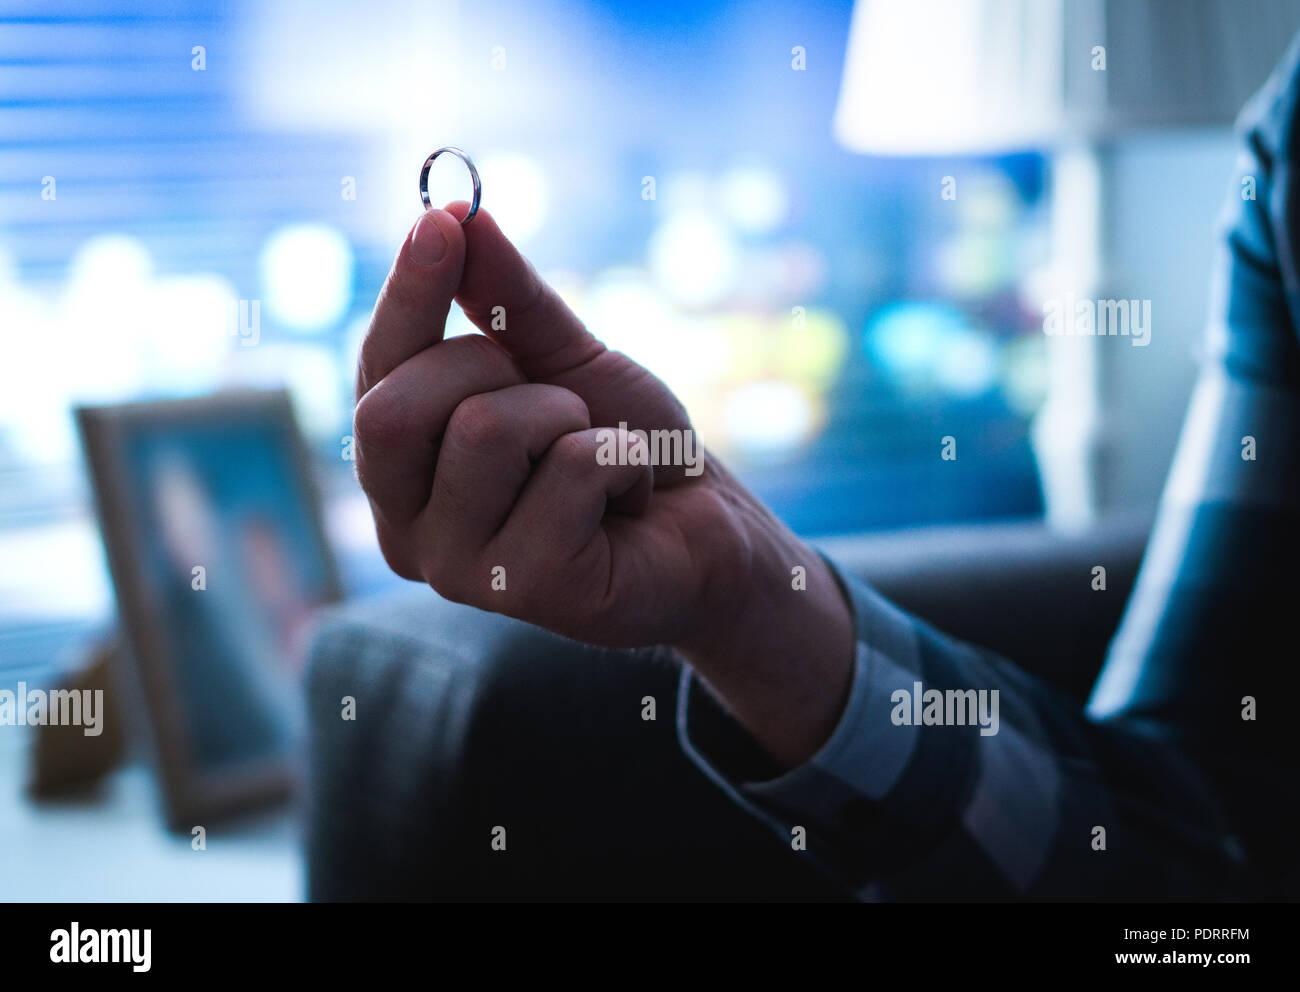 Uomo con impegno o anello di nozze in mano pensando di proposta o il divorzio home a tarda notte. Relazione o problemi coniugali. Immagini Stock